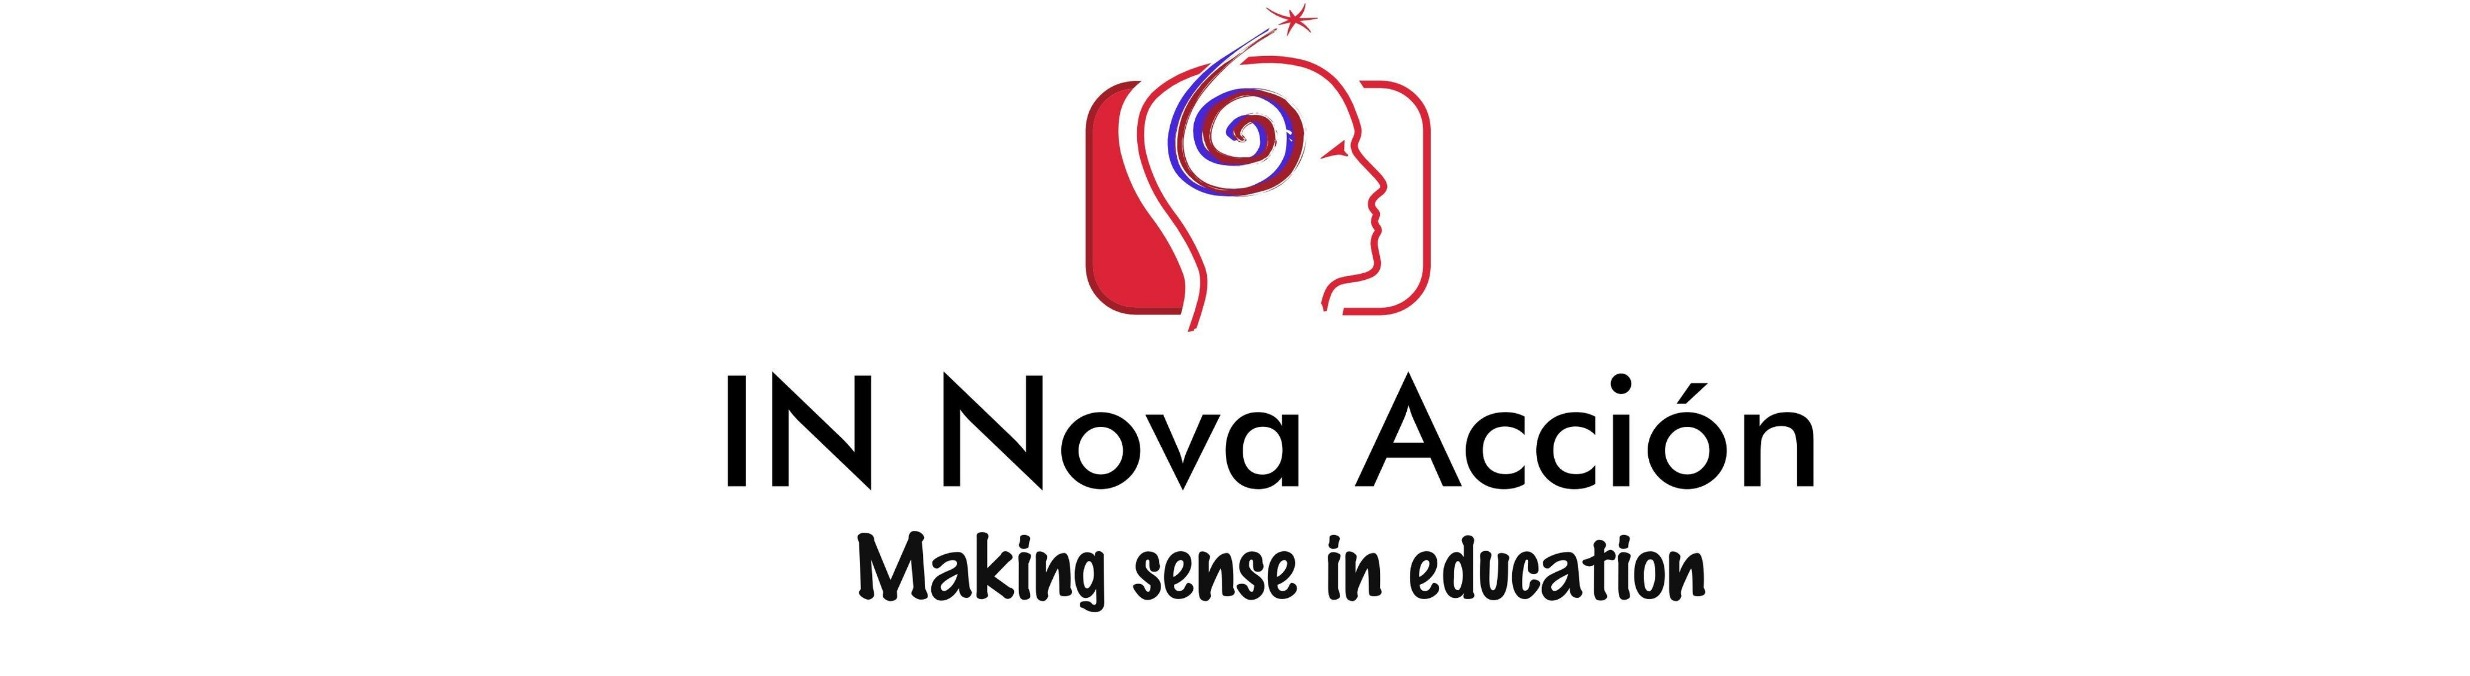 Logo In Nova Acción